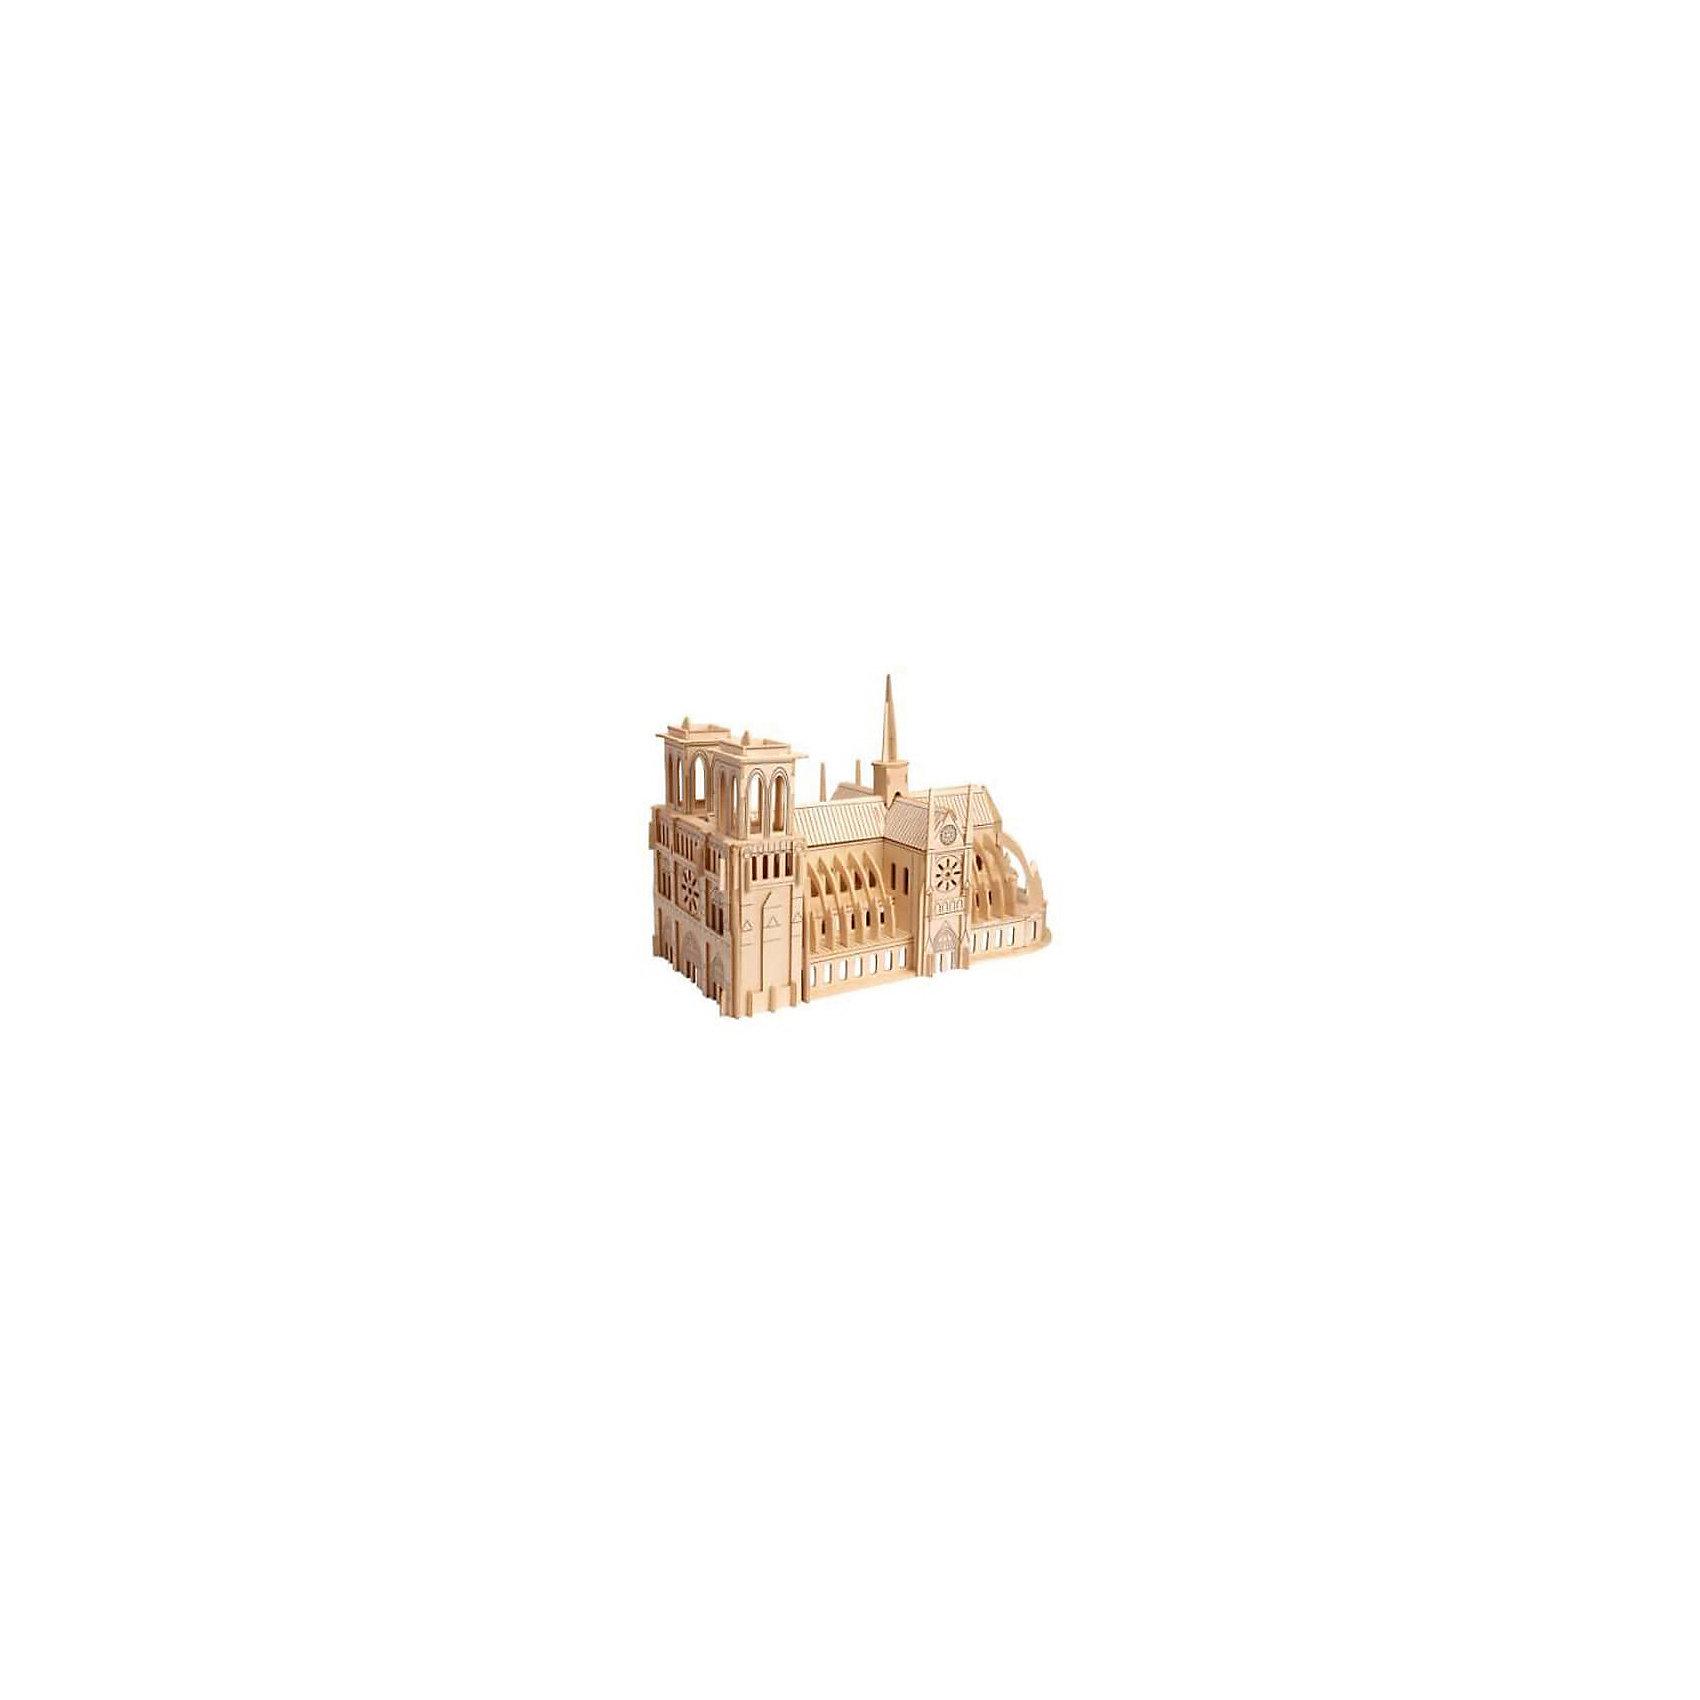 Нотр Дам де Парис, Мир деревянных игрушекОтличный вариант подарка для любящего архитектуру творческого ребенка - этот набор, из которого можно самому сделать красивую деревянную фигуру! Для этого нужно выдавить из пластины с деталями элементы для сборки и соединить их. Из наборов получаются красивые очень реалистичные игрушки, которые могут стать украшением комнаты.<br>Собирая их, ребенок будет развивать пространственное мышление, память и мелкую моторику. А раскрашивая готовое произведение, дети научатся подбирать цвета и будут развивать художественные навыки. Этот набор произведен из качественных и безопасных для детей материалов - дерево тщательно обработано.<br><br>Дополнительная информация:<br><br>материал: дерево;<br>цвет: бежевый;<br>элементы: пластины с деталями для сборки, схема сборки;<br>размер упаковки: 23 х 18 см.<br><br>3D-пазл Нотр Дам де Парис от бренда Мир деревянных игрушек можно купить в нашем магазине.<br><br>Ширина мм: 350<br>Глубина мм: 50<br>Высота мм: 225<br>Вес г: 9999<br>Возраст от месяцев: 36<br>Возраст до месяцев: 144<br>Пол: Унисекс<br>Возраст: Детский<br>SKU: 4969181